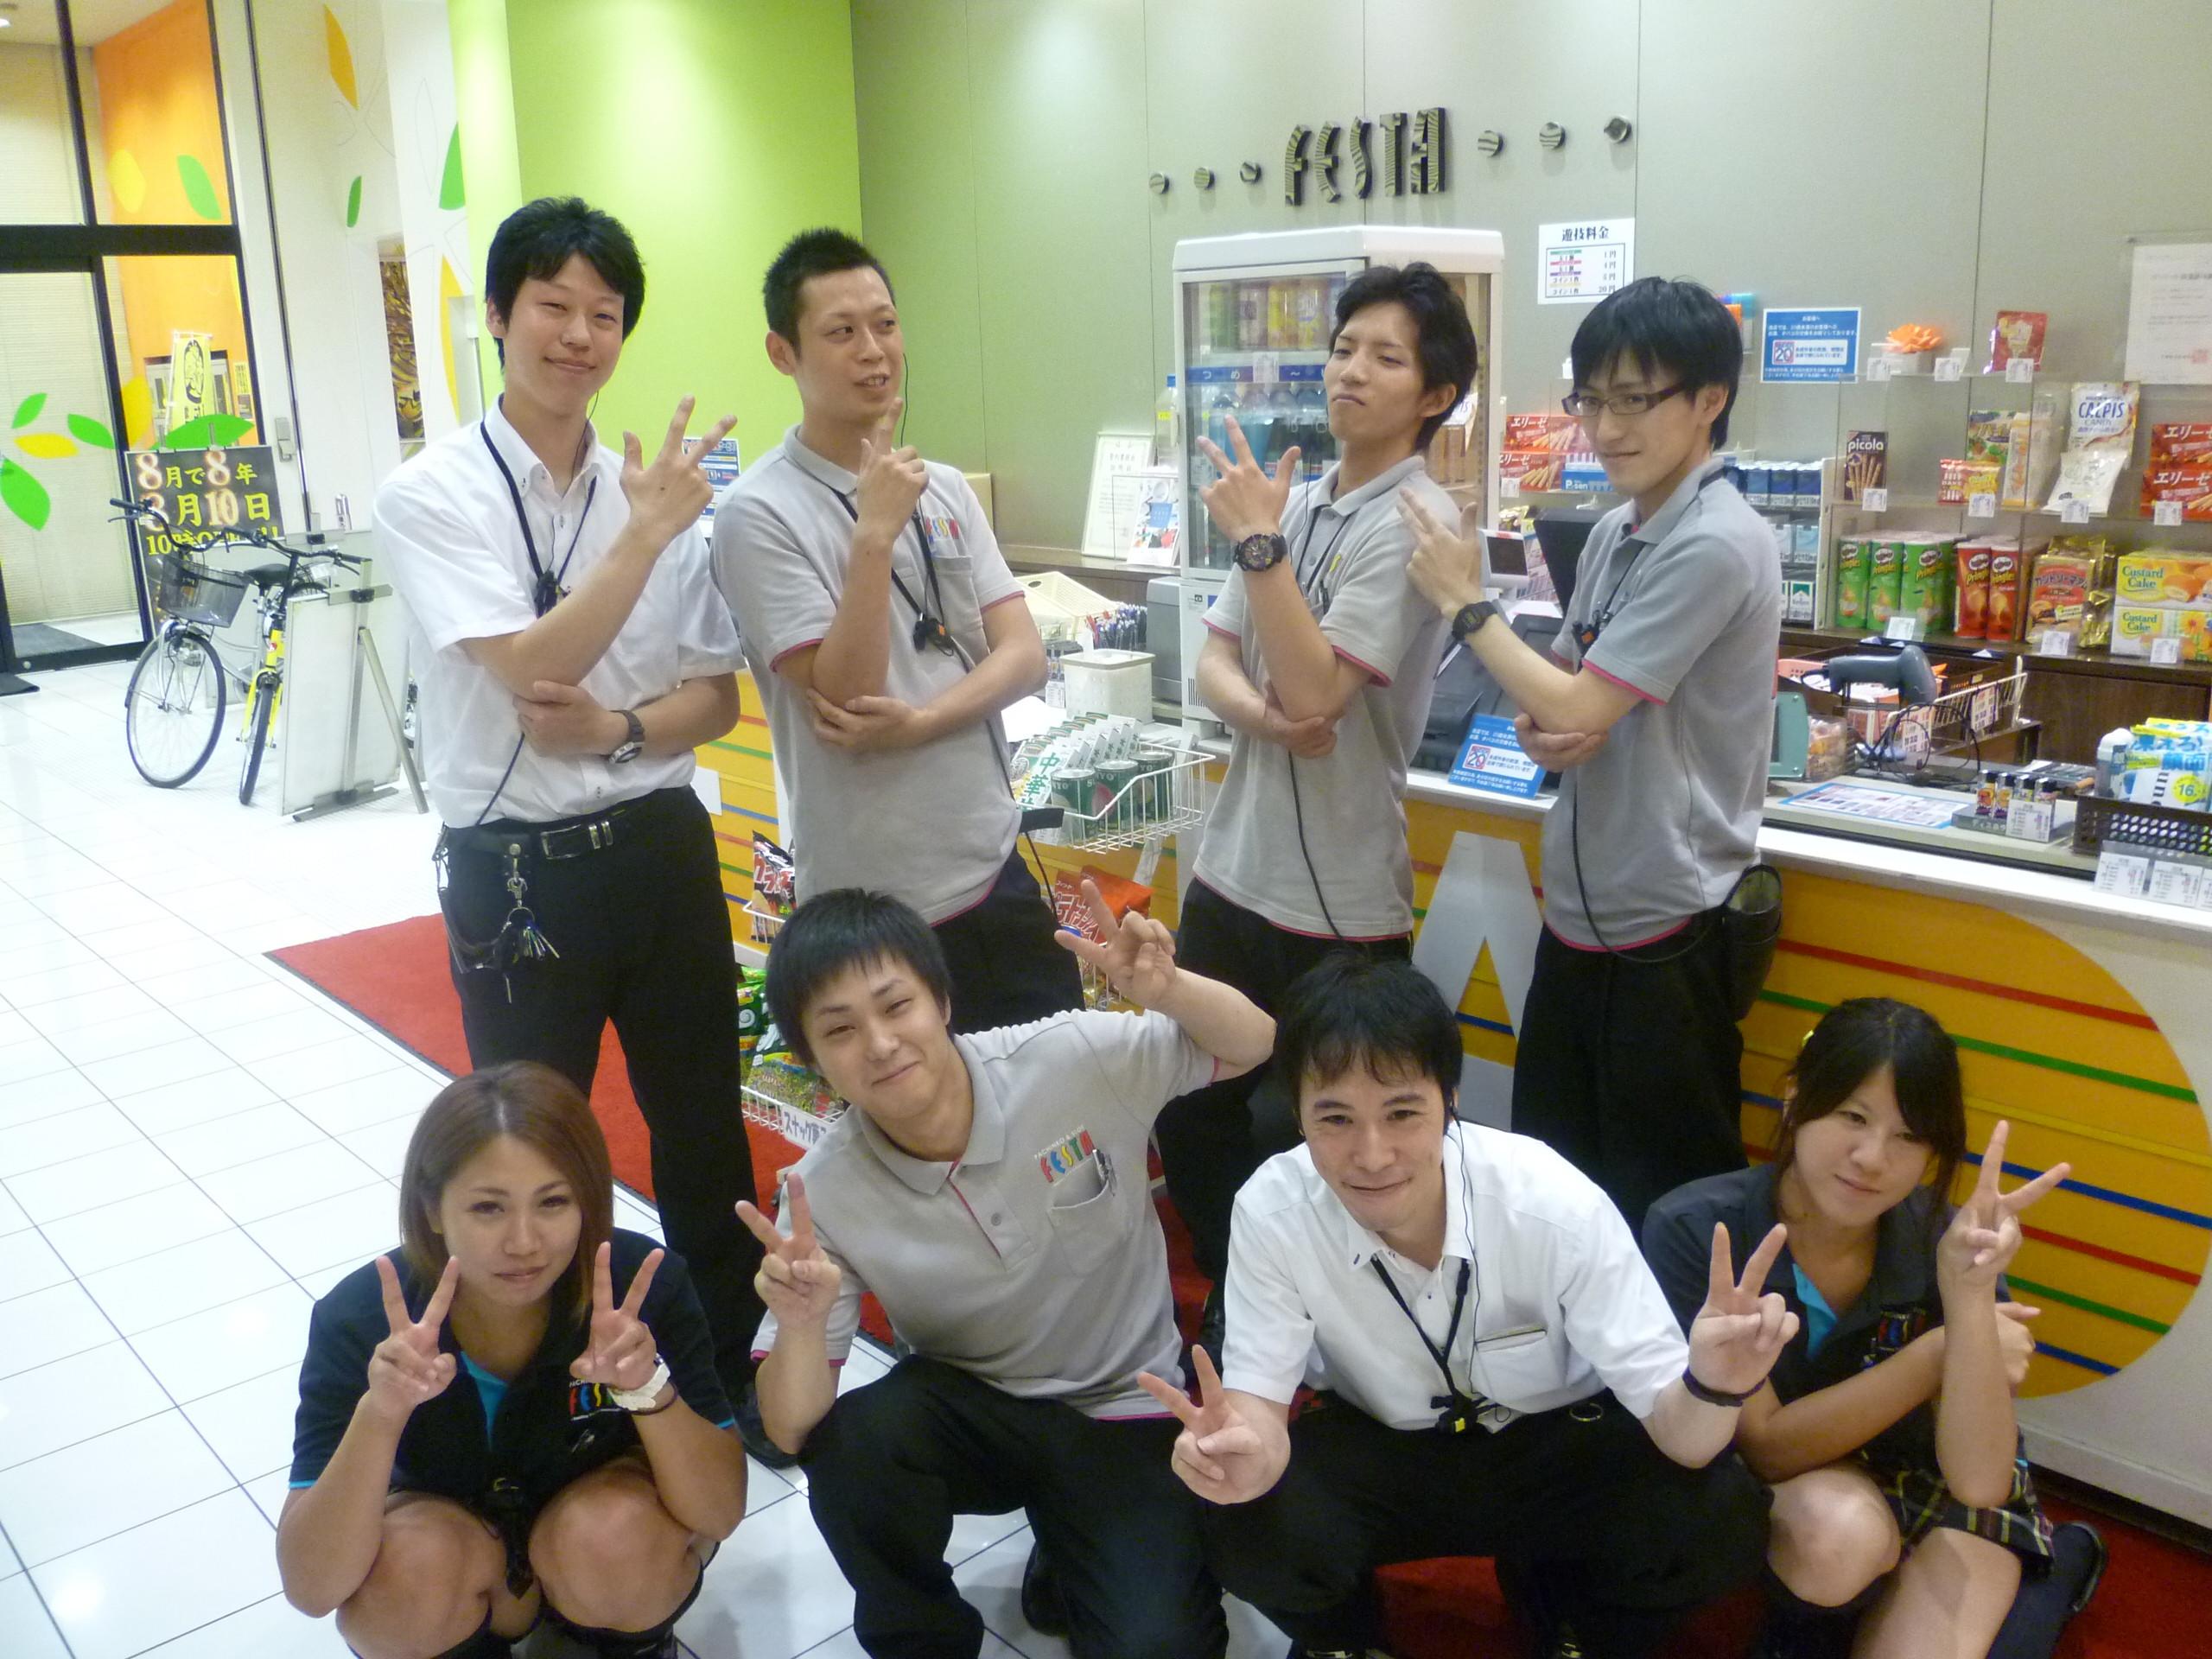 パチンコ & スロット フェスタ 野田店のアルバイト情報